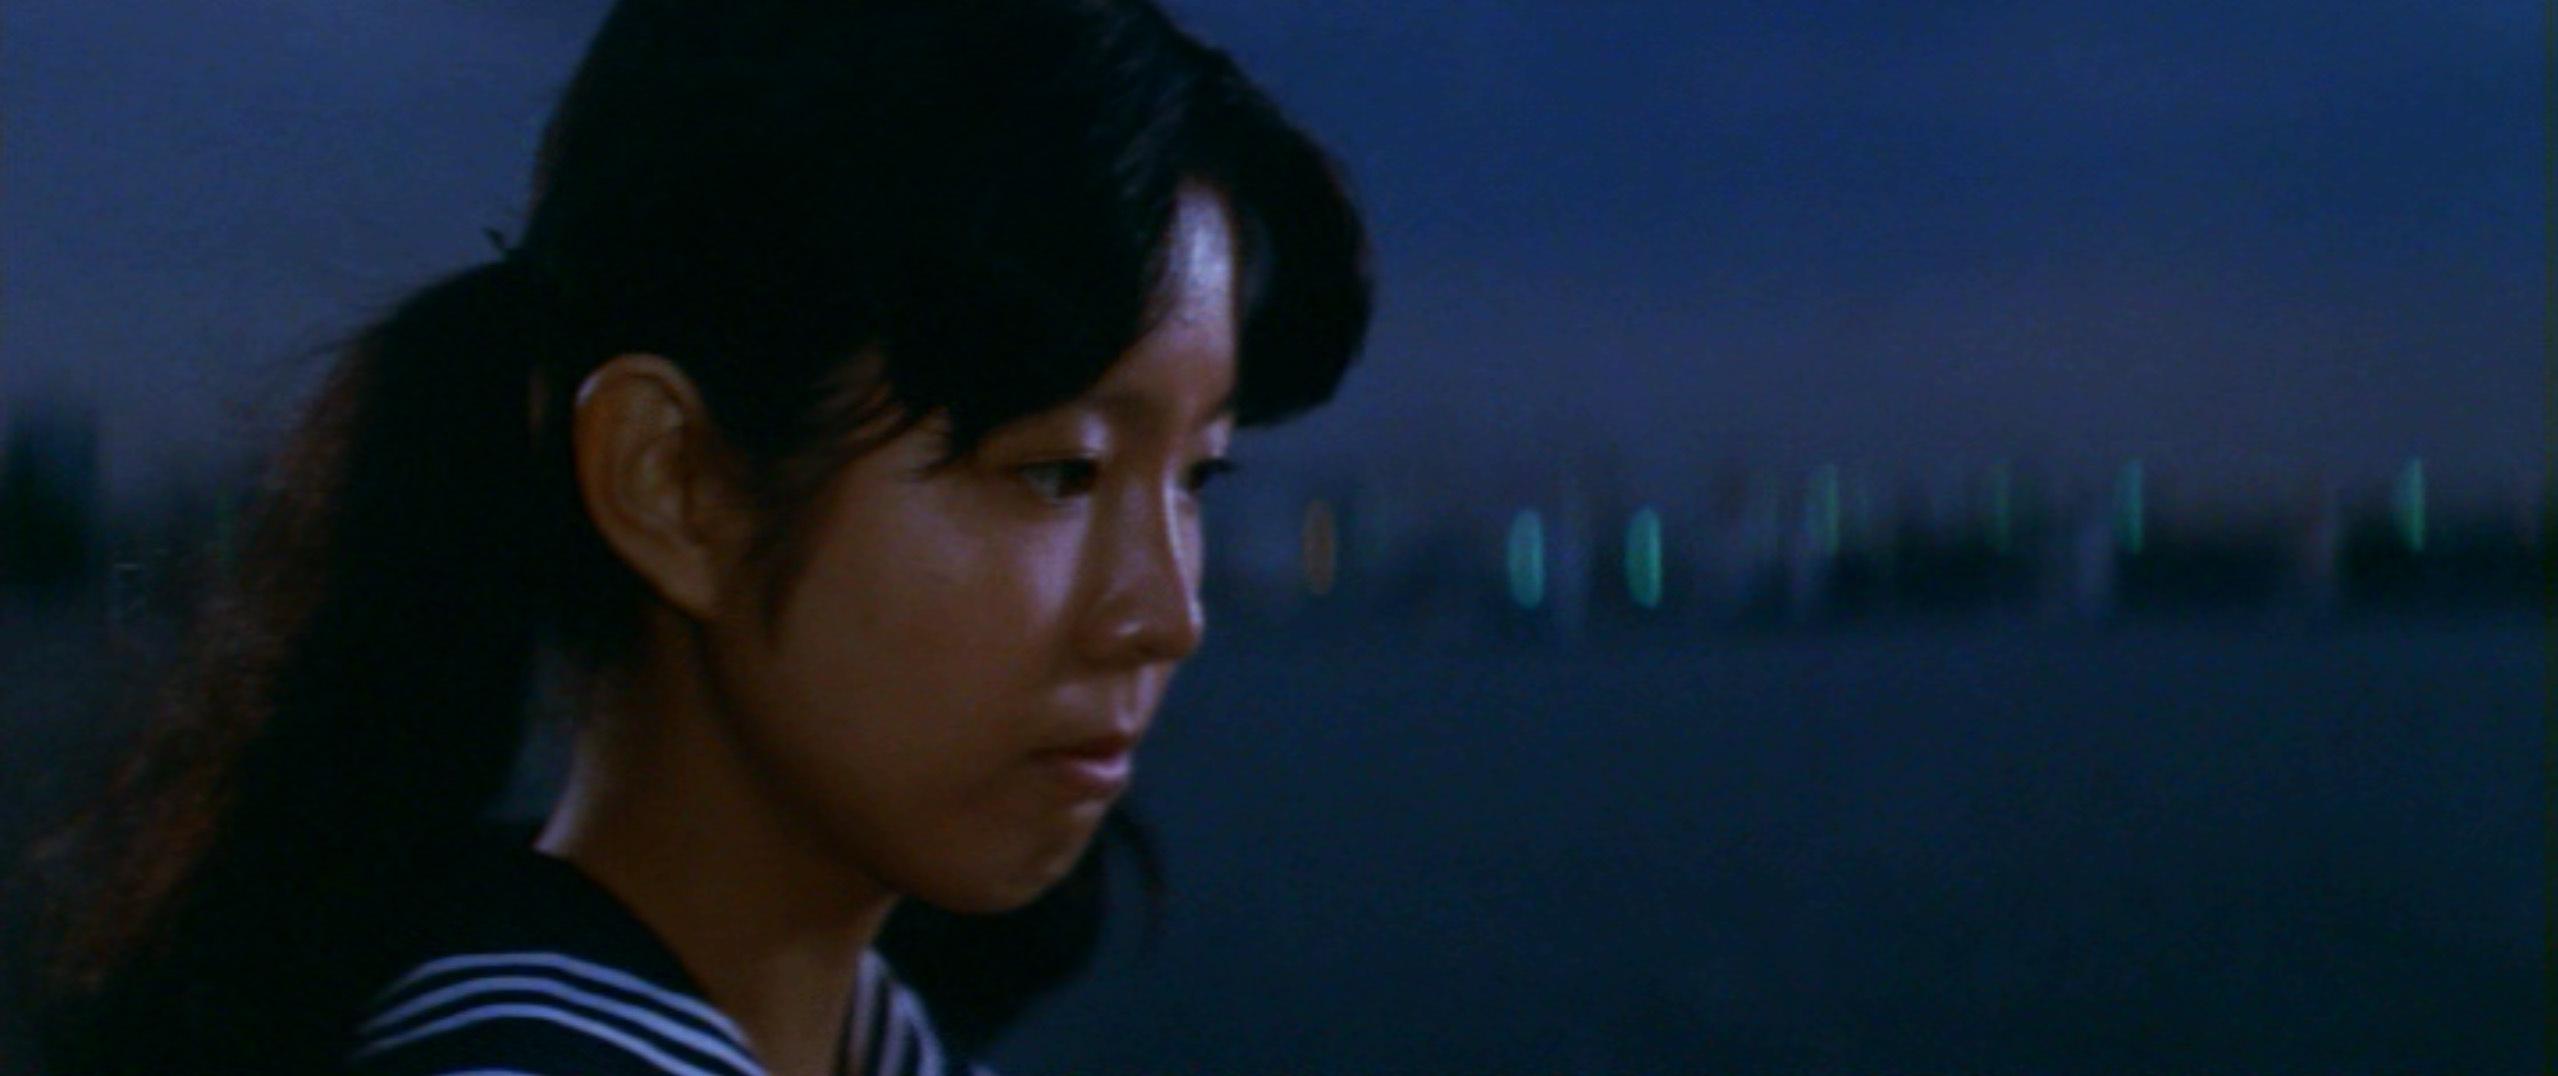 市毛良枝(Yoshie Ichige)「混血児リカ ハマぐれ子守唄」(1973)・・・《前半》_e0042361_20462966.jpg